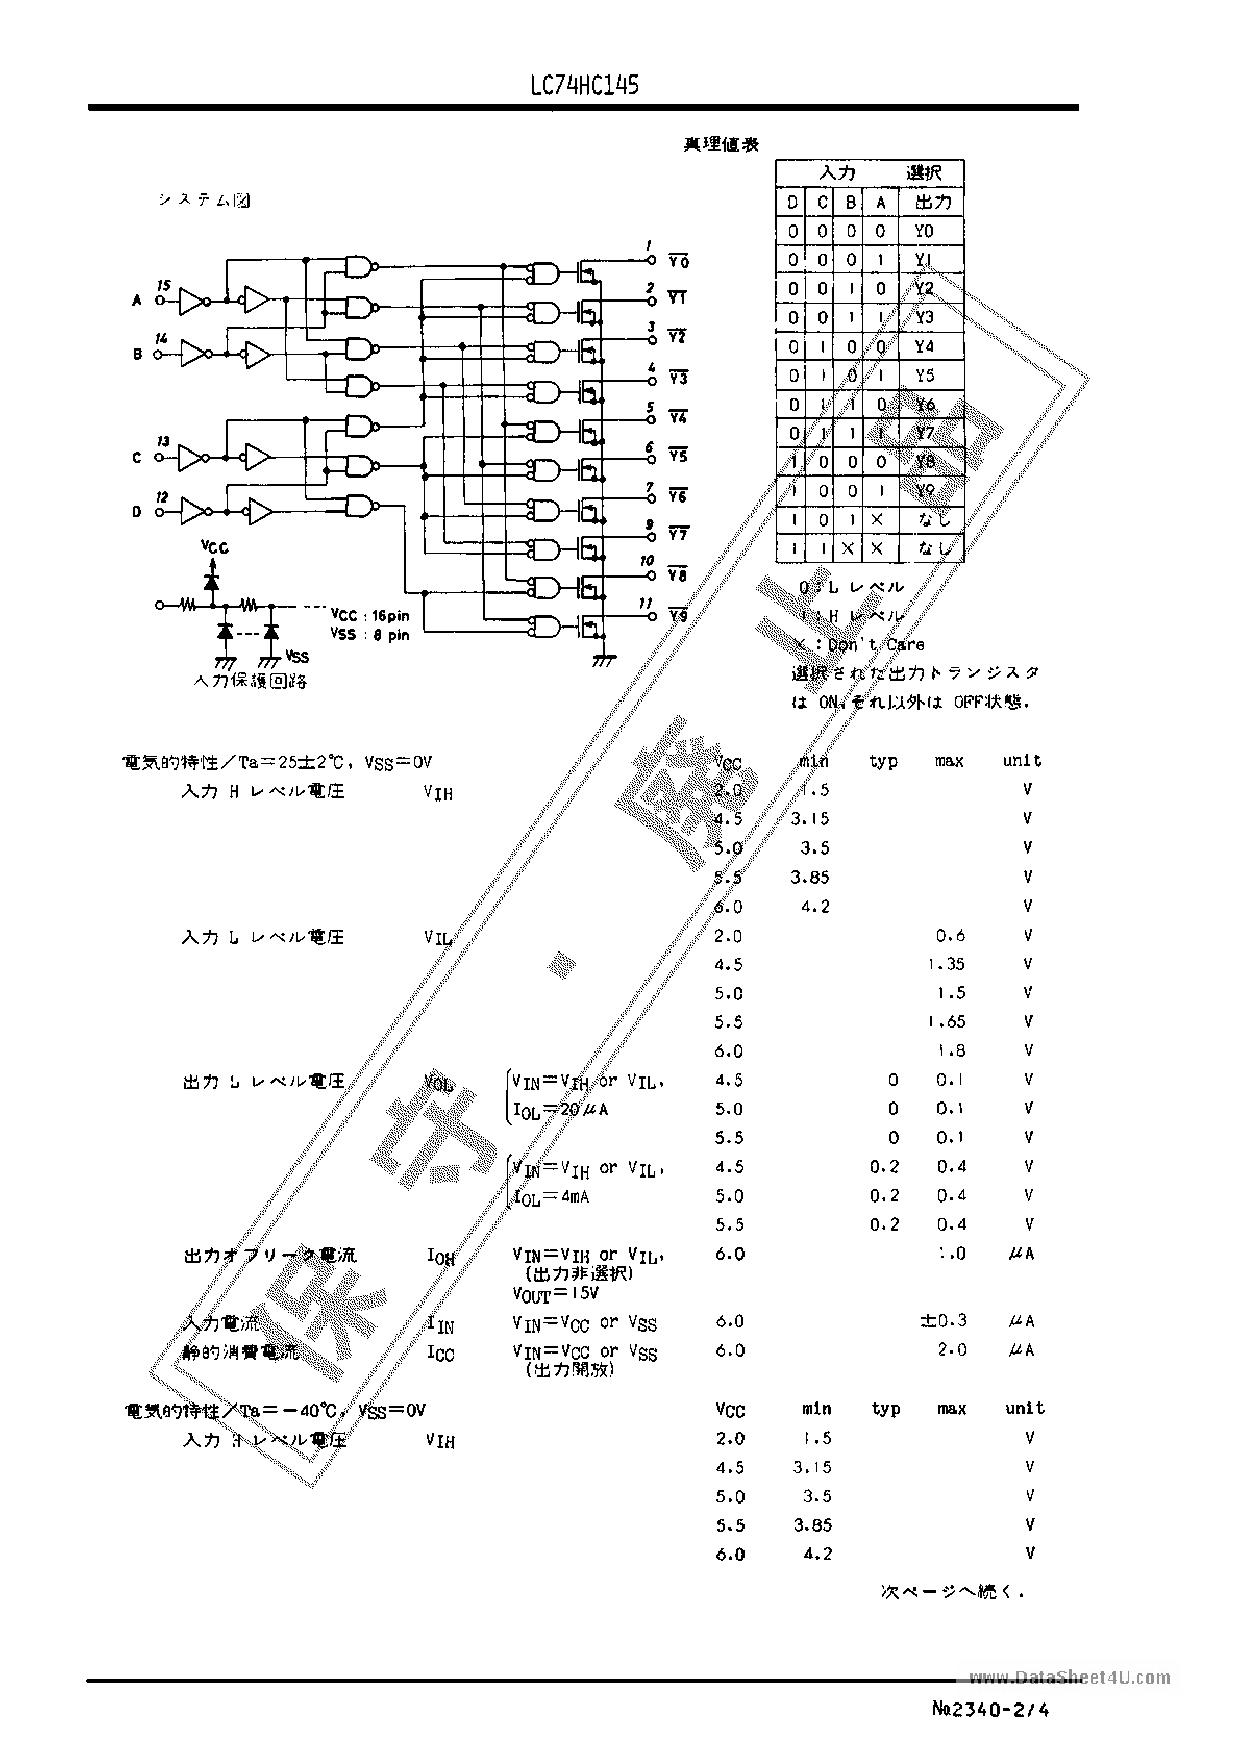 74hc145 datasheet pdf   pinout